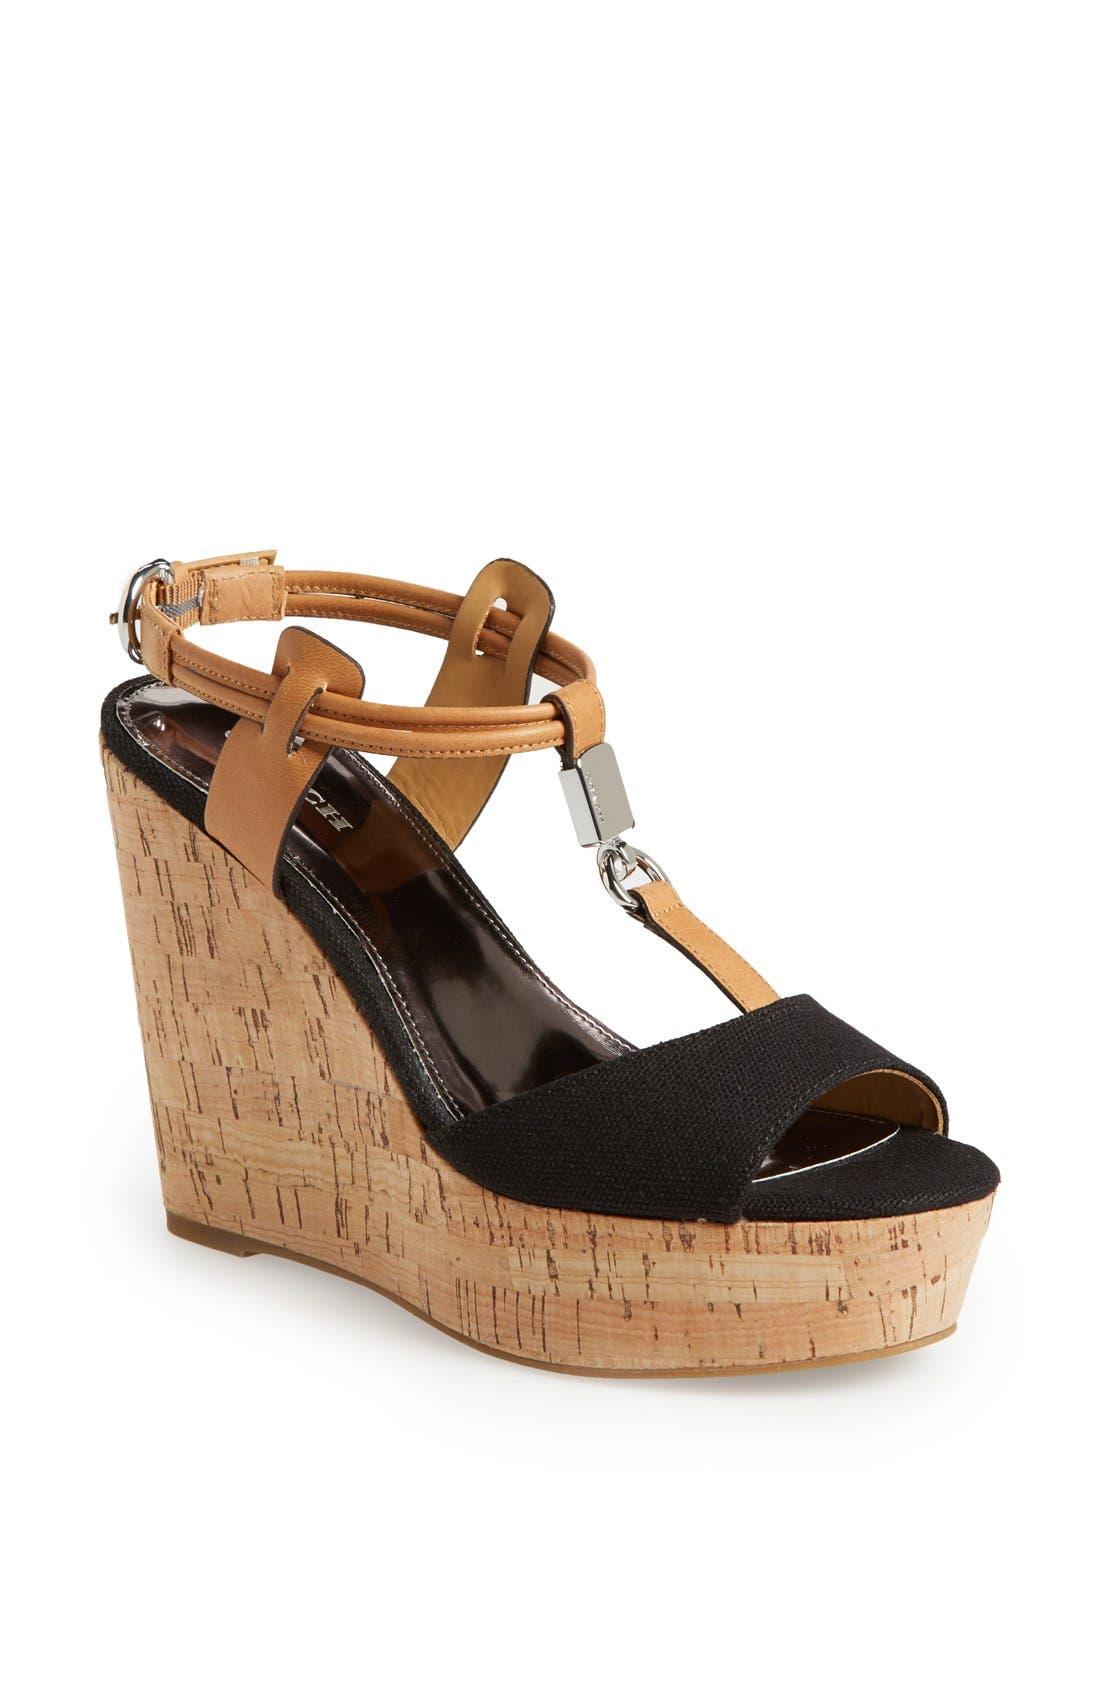 Alternate Image 1 Selected - COACH 'Linden' Wedge Platform Sandal